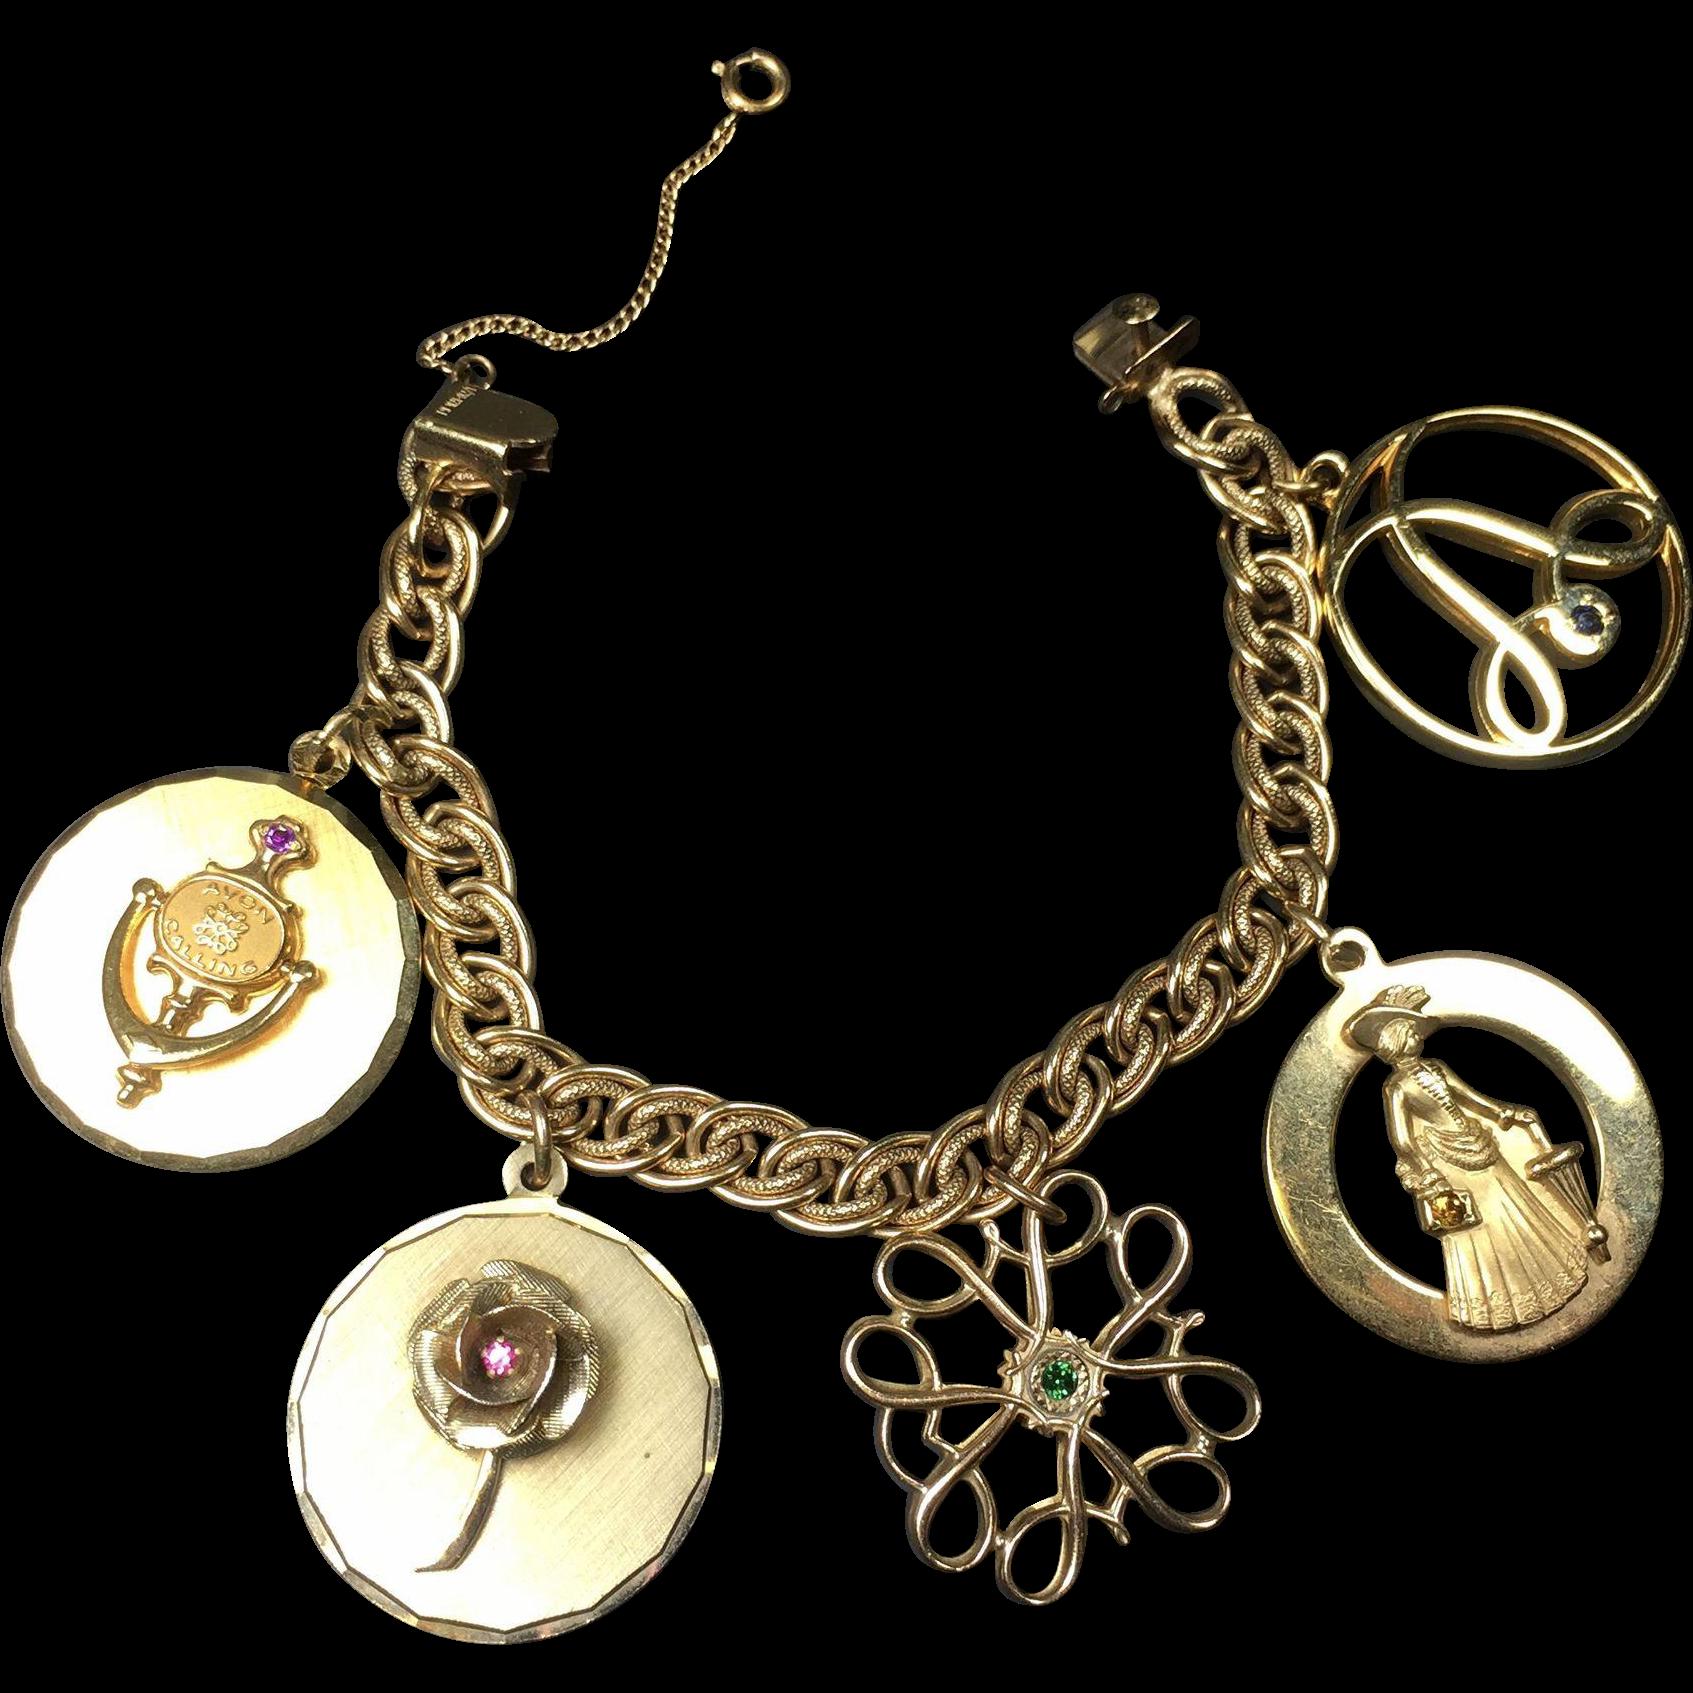 Vintage AVON President's Award Charm Bracelet